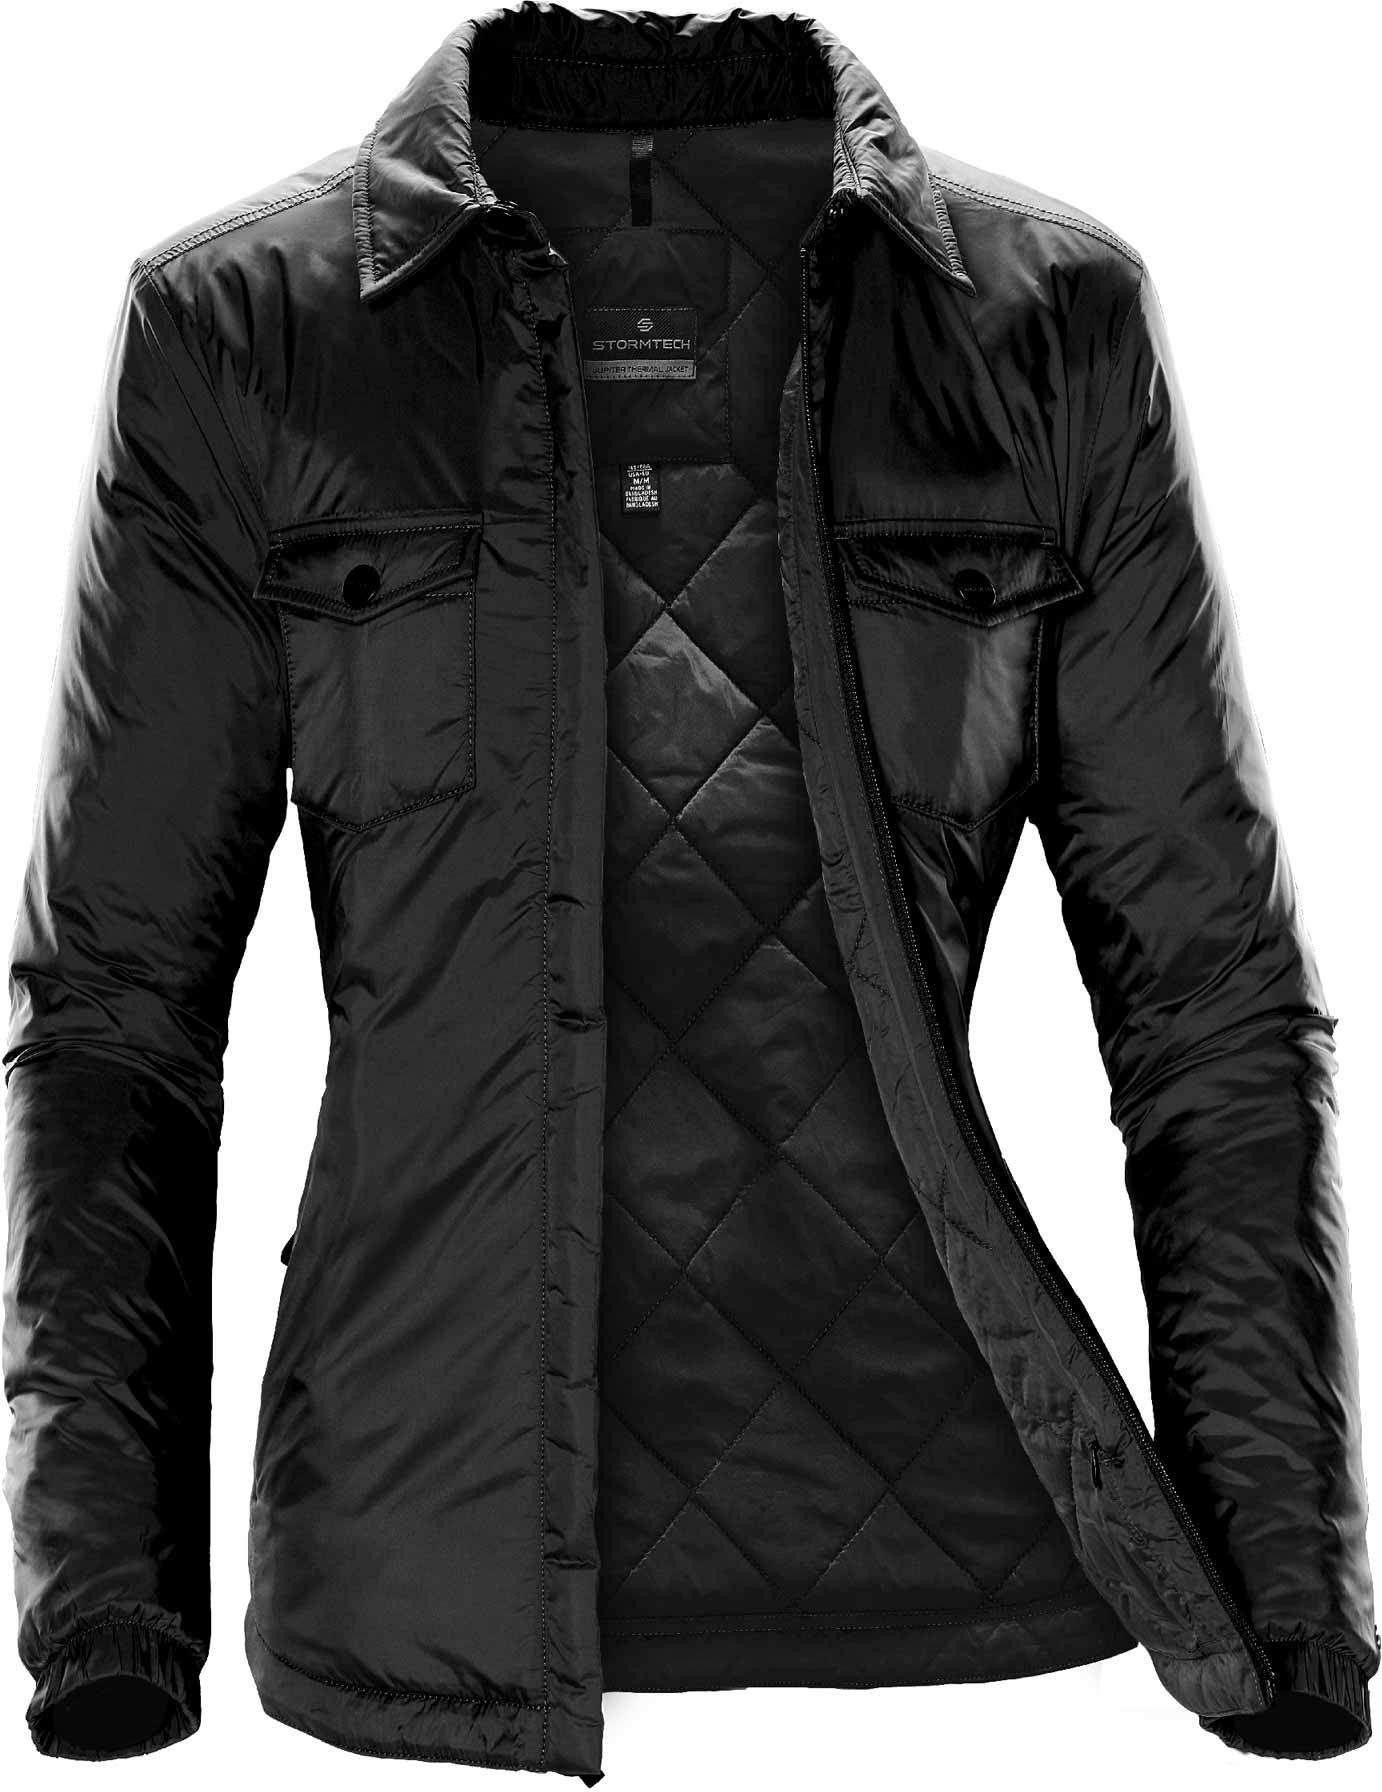 Stormtech CFX1W Women's Jupiter Thermal Jacket Thermal